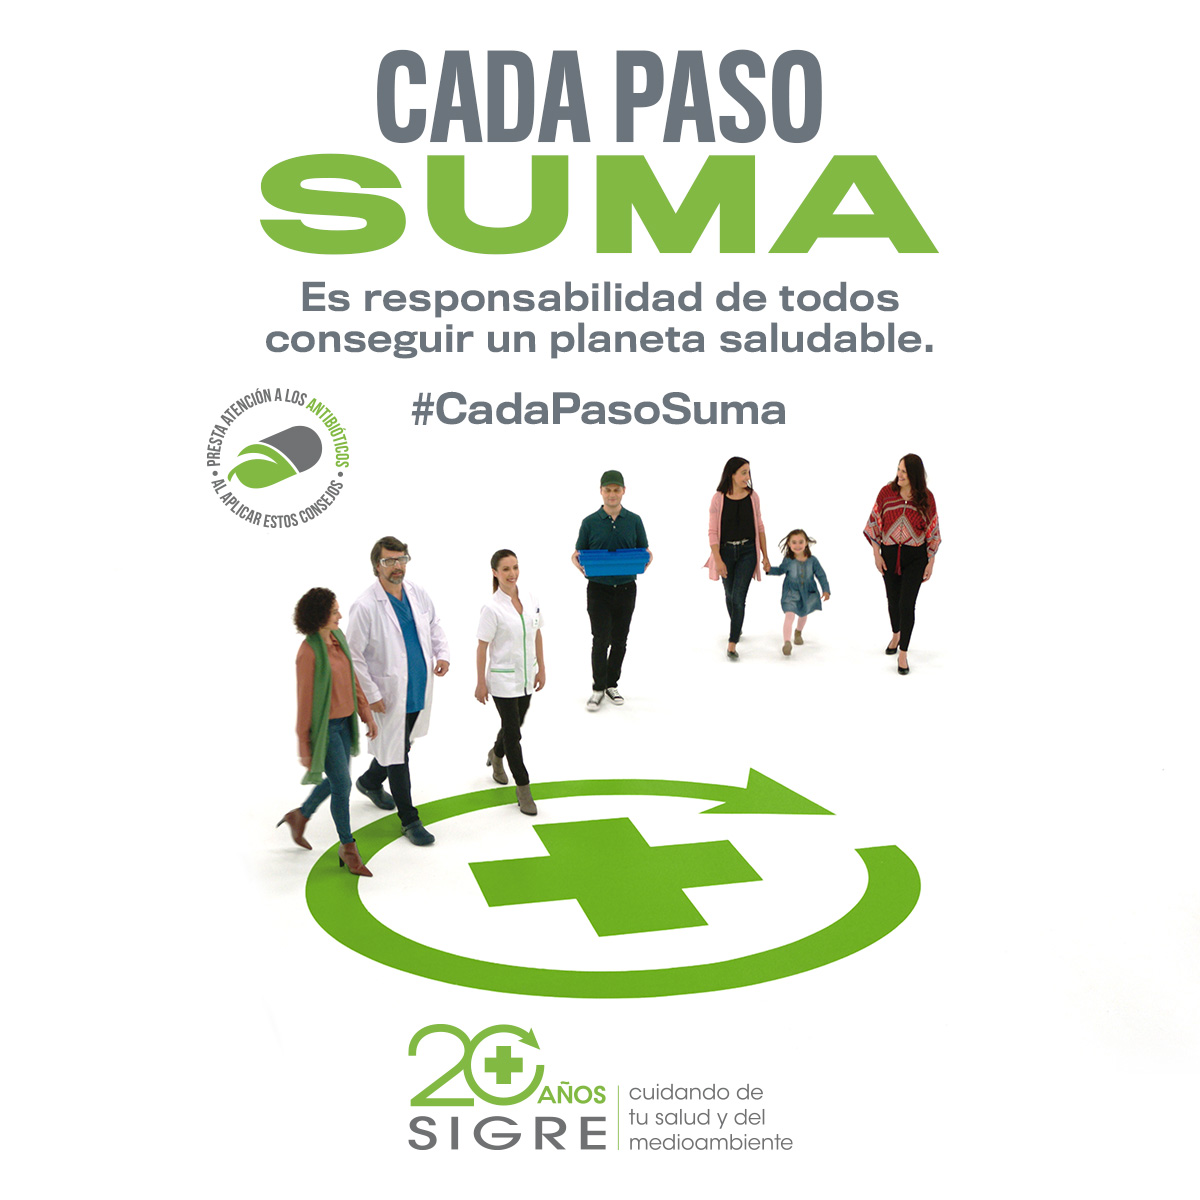 test Twitter Media - 🌍 Per la cura del medi ambient: #CadaPasSuma.   ♻️ Recorda dipositar els envasos buits o amb estes de medicaments en el @puntosigre de la farmàcia 💚  #cadapasosuma https://t.co/2Wg8vNk9EM